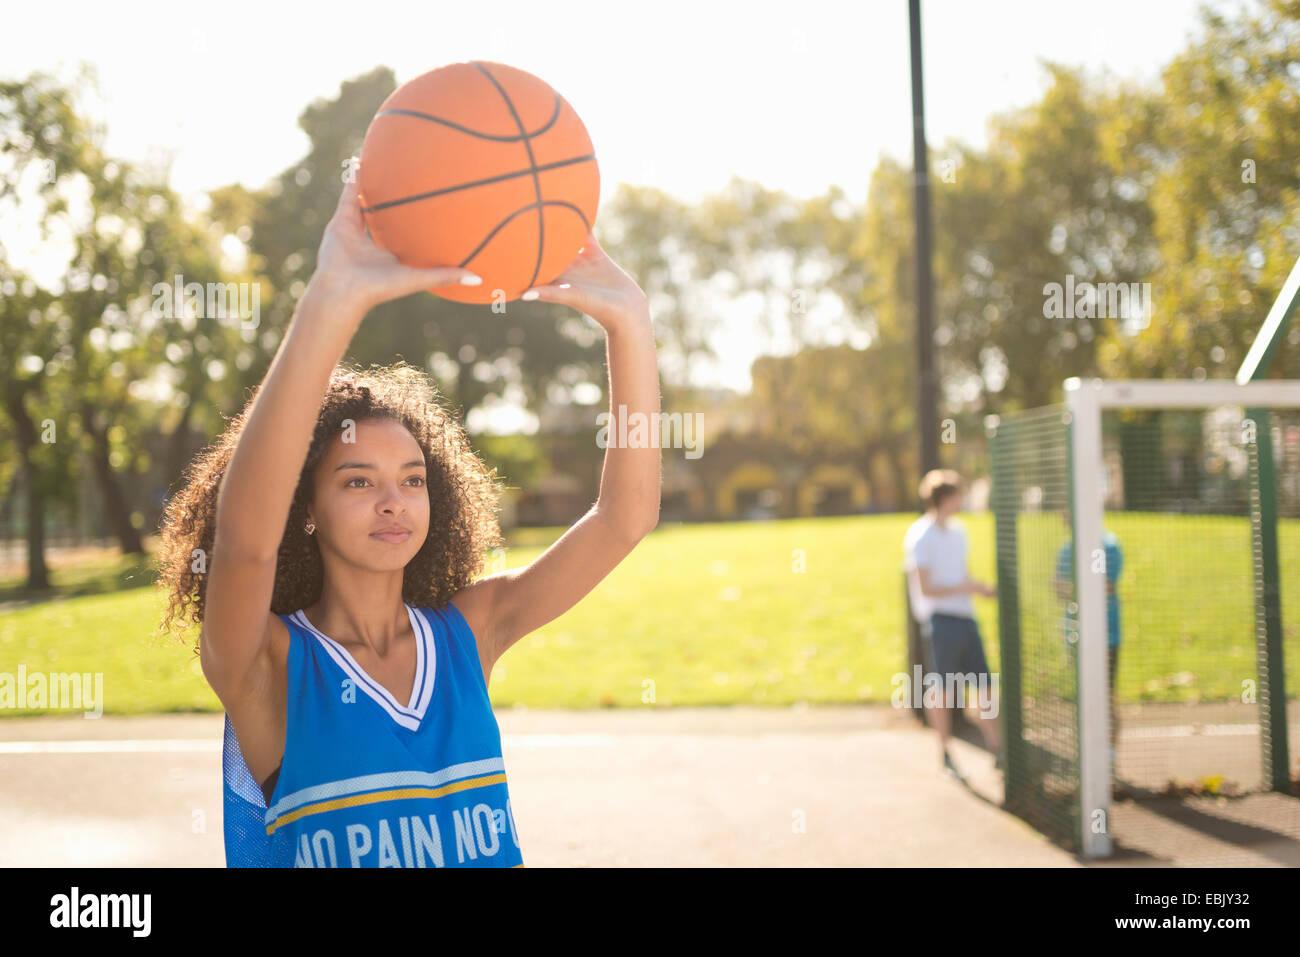 Femmina giovane giocatore di basket tenendo in mano la pallacanestro Immagini Stock